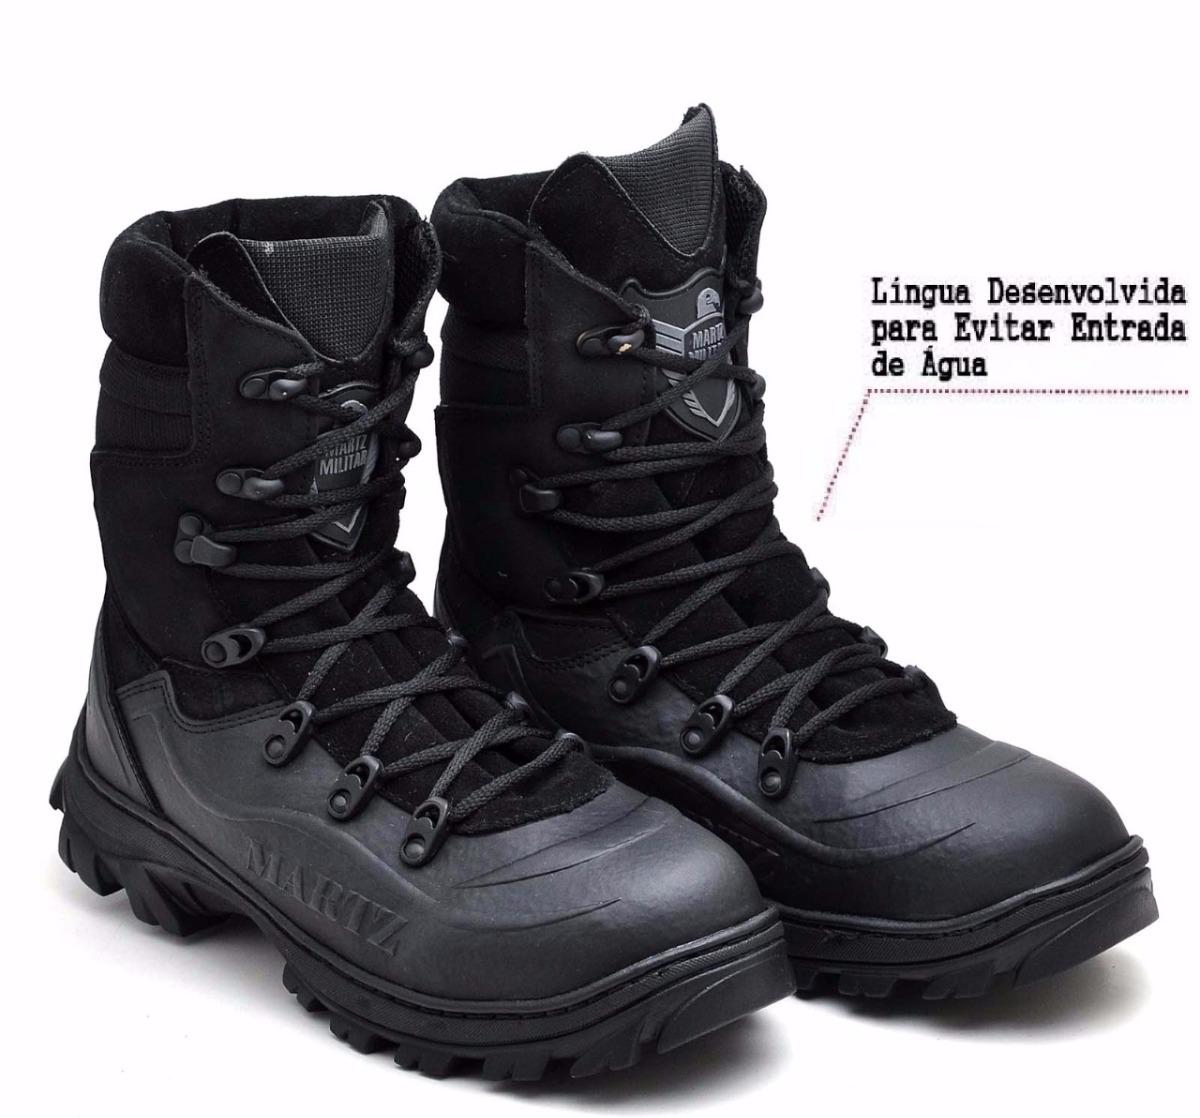 be33041ebf0 bota coturno masculino em couro impermeável trilha moto luxo. Carregando  zoom.